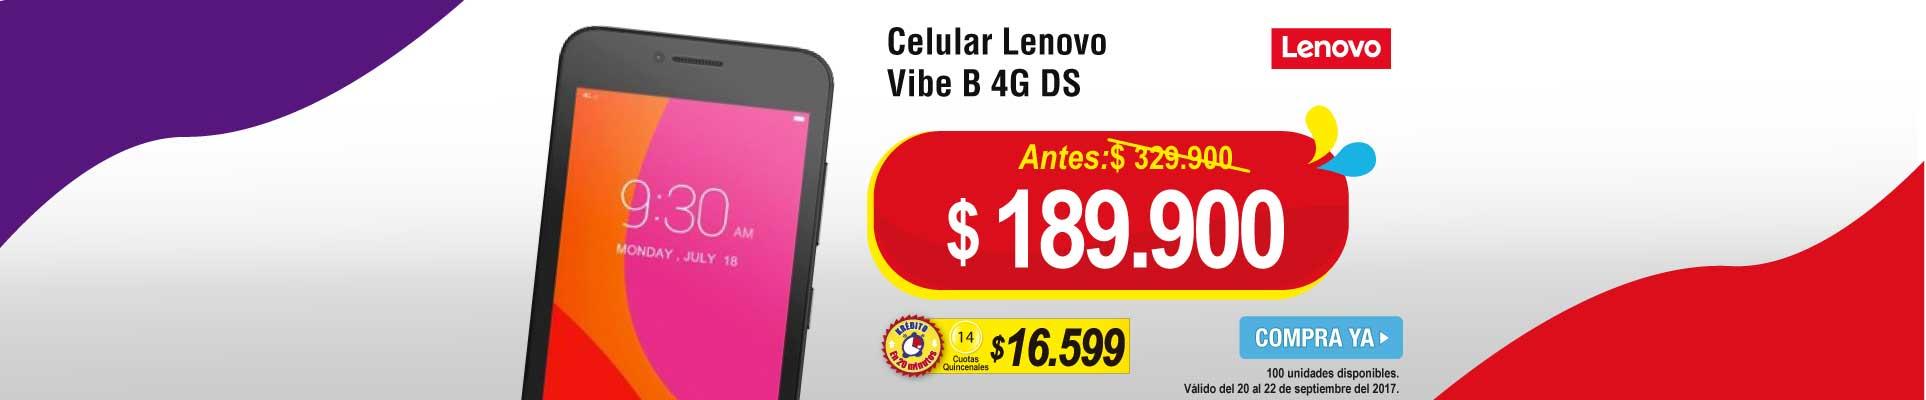 PPAL ALKP-1-celulares-Celular Lenovo Vibe B 4G DS-prod-septiembre20-22